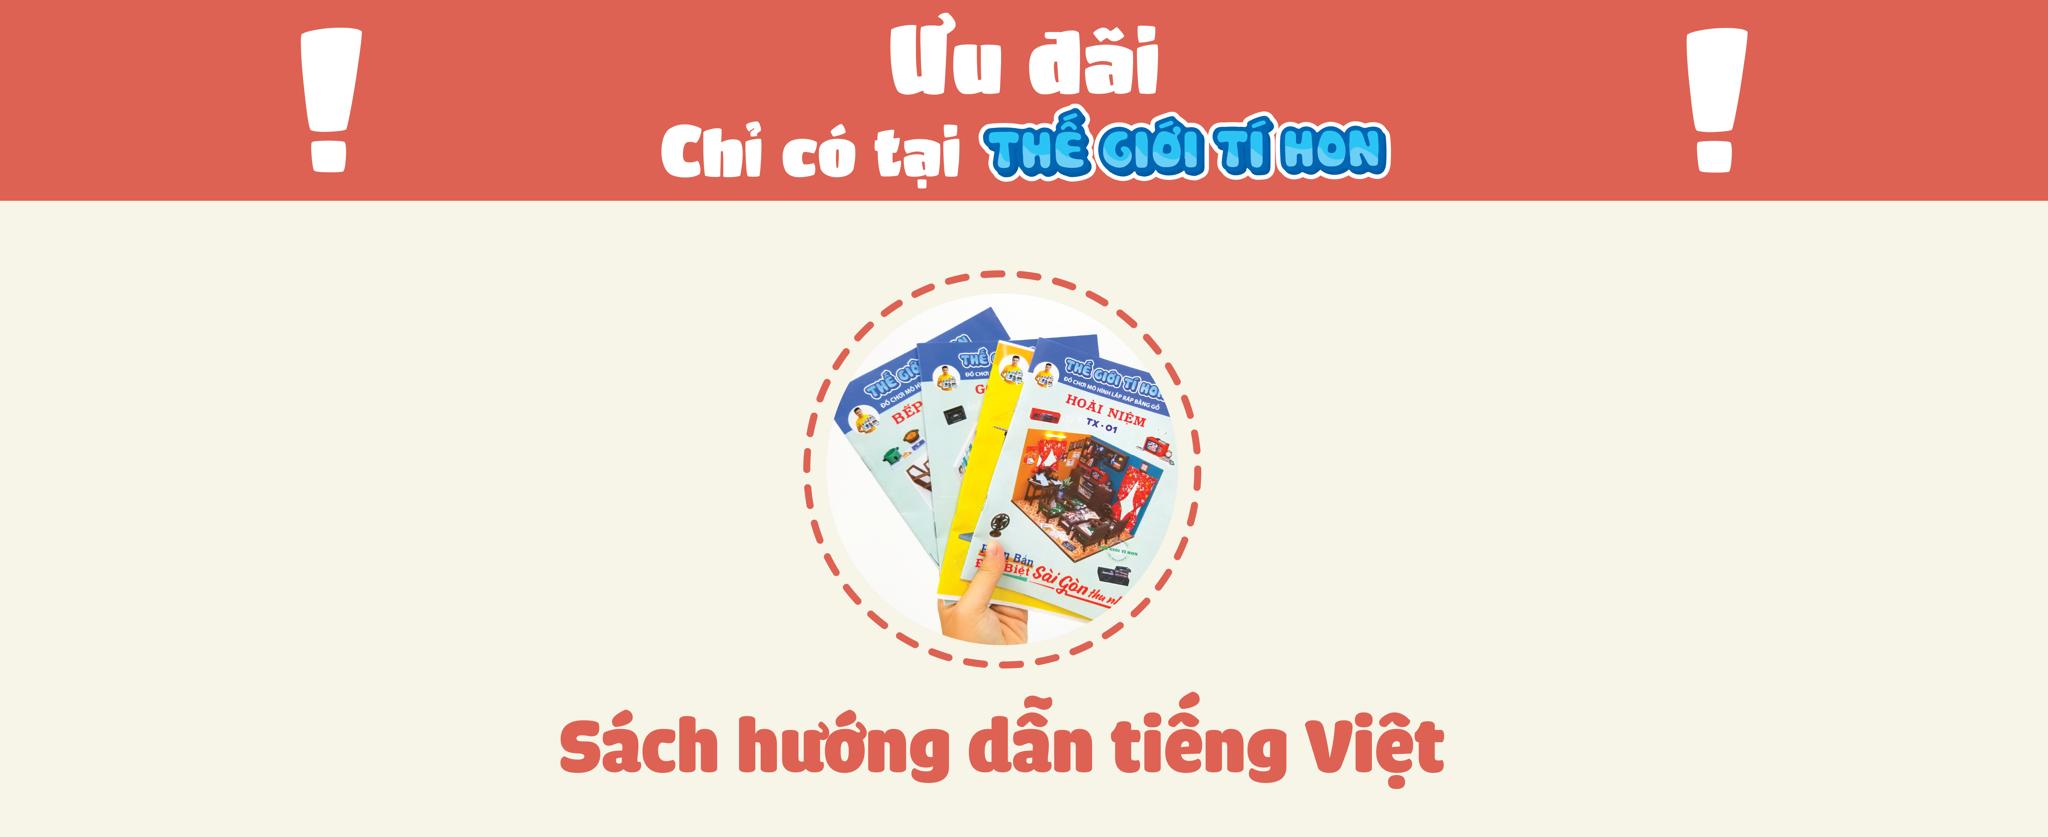 Mô Hình Lớp Học Sài Gòn Xưa Và Nay Thu Nhỏ - Xe Nước Mía - HR01